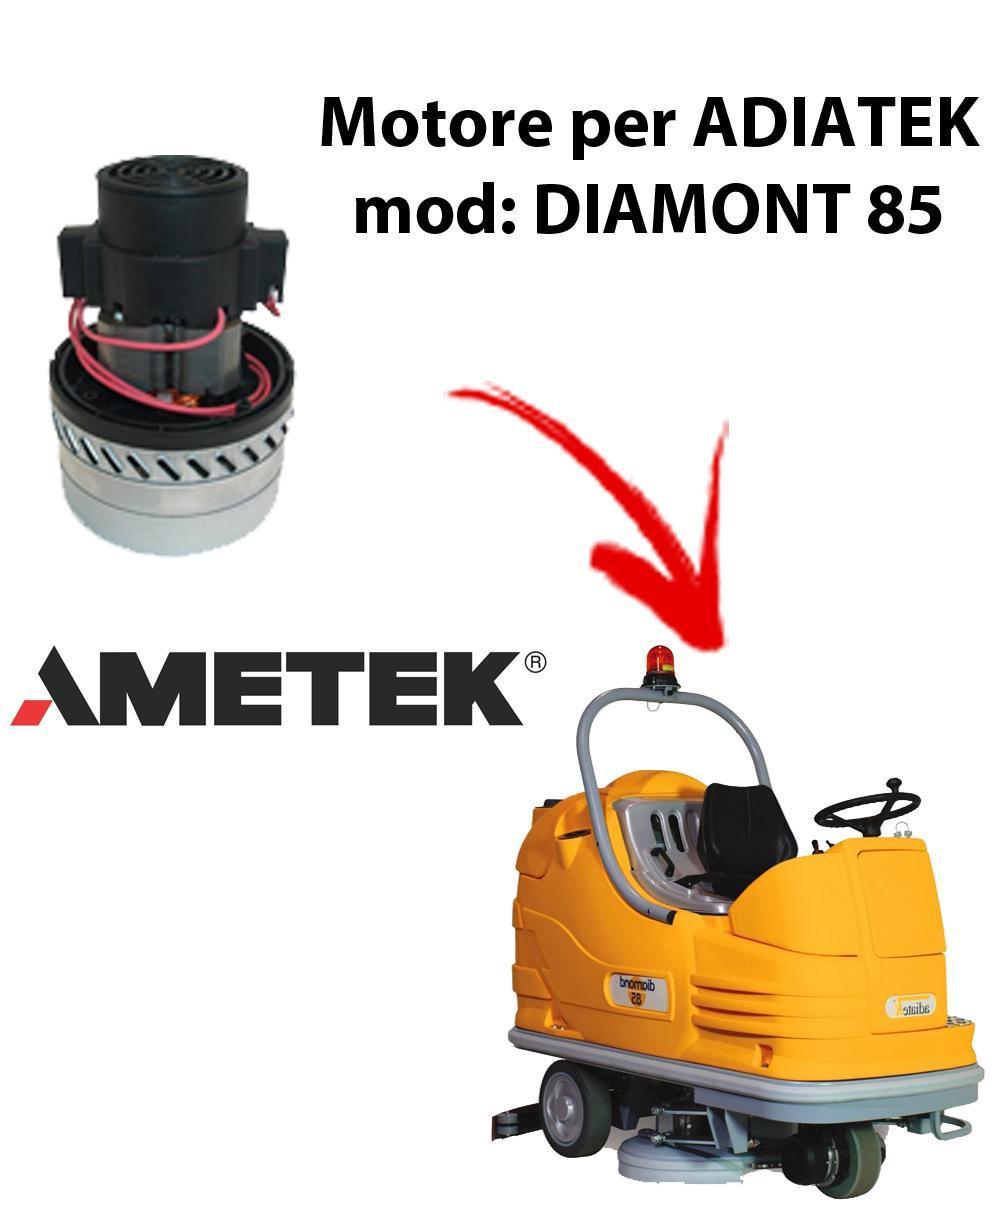 Diamond 85 Motore AMETEK ITALIA aspirazione fregadoras para Adiatek